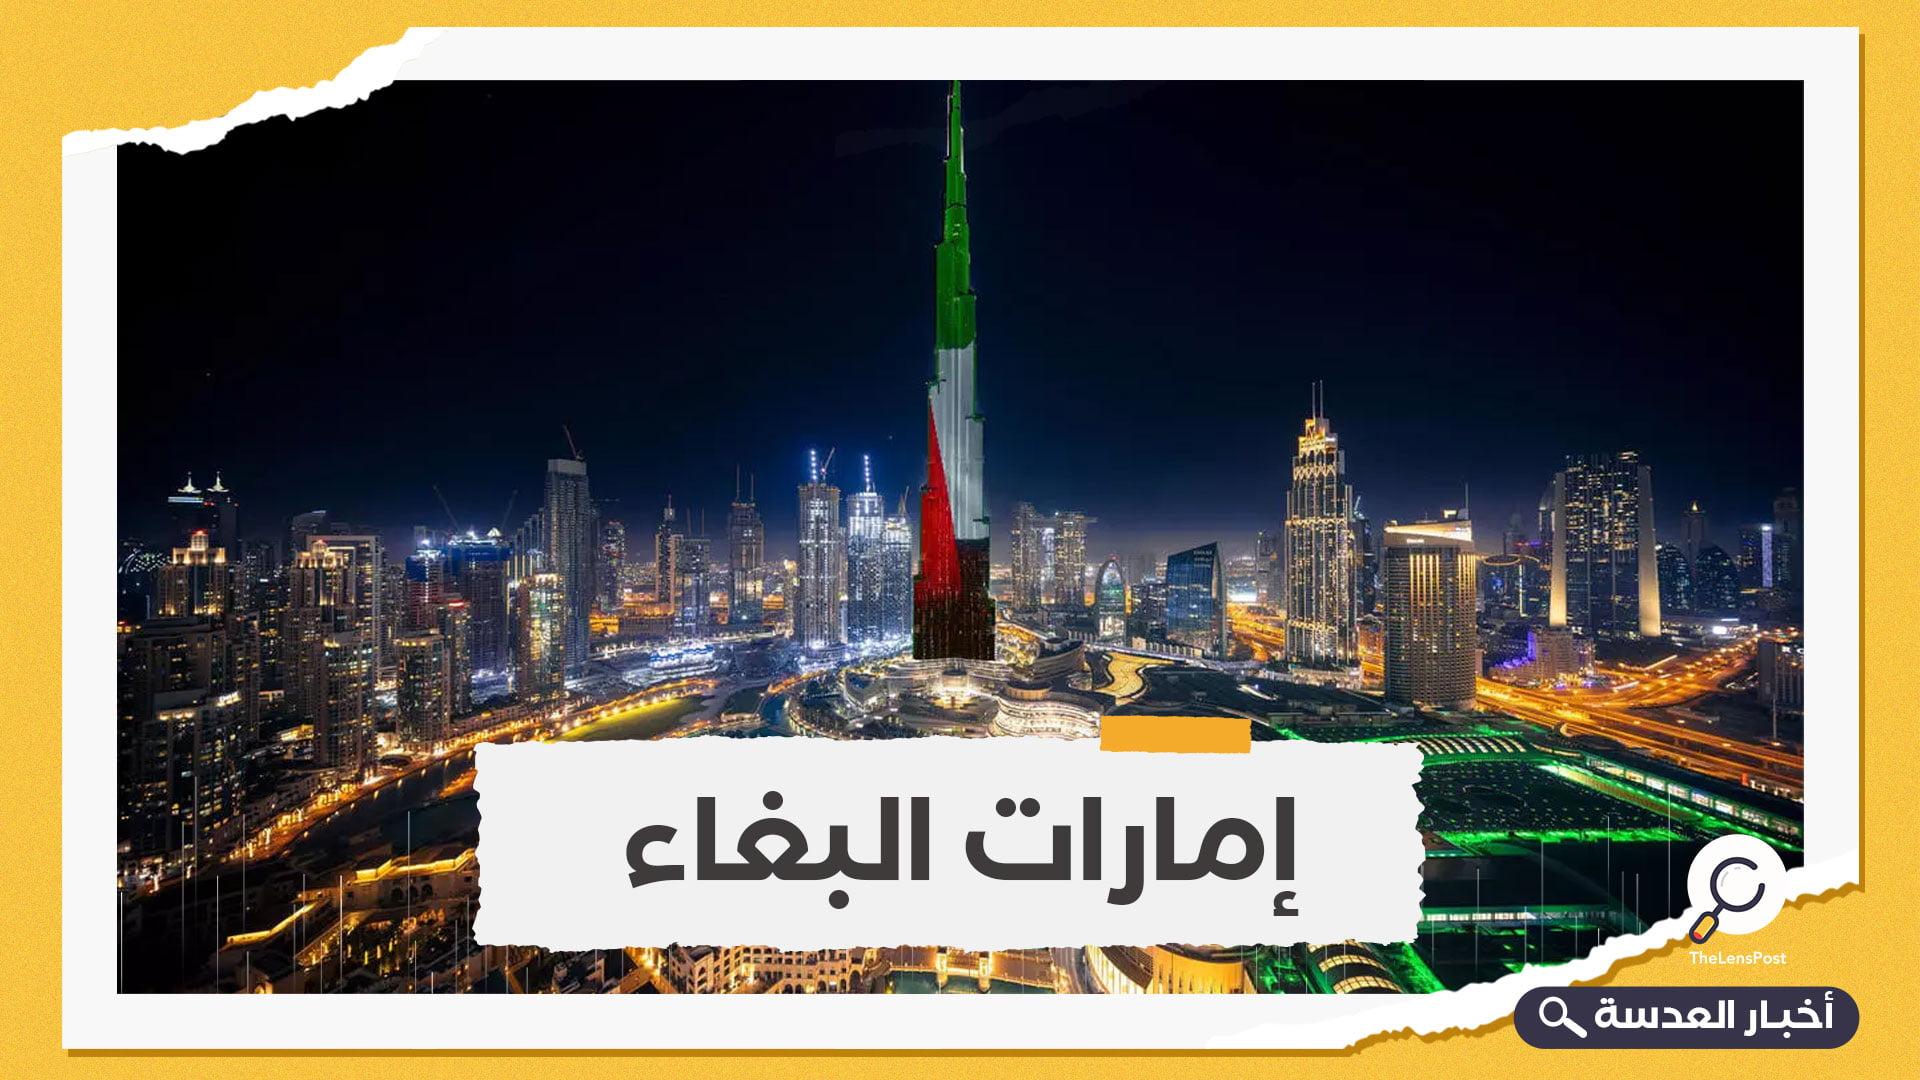 تقارير إسرائيلية: دبي المقر الأكبر لسياحة الزنا وتستحق لقب عاصمة الدعارة في العالم